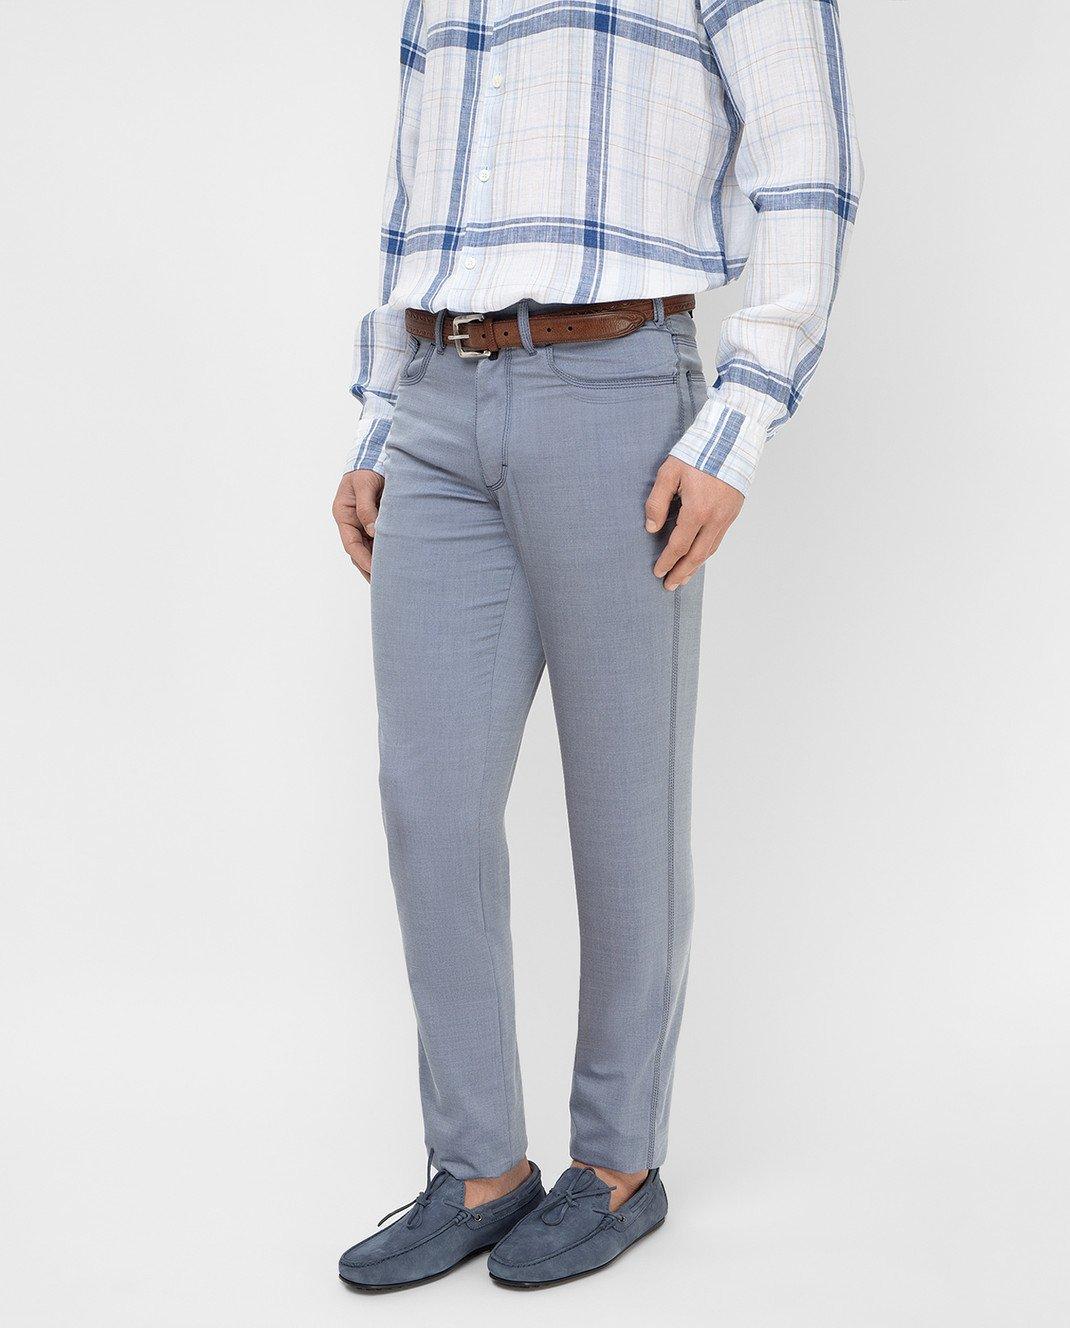 Stefano Ricci Голубые брюки MBT8100020 изображение 3